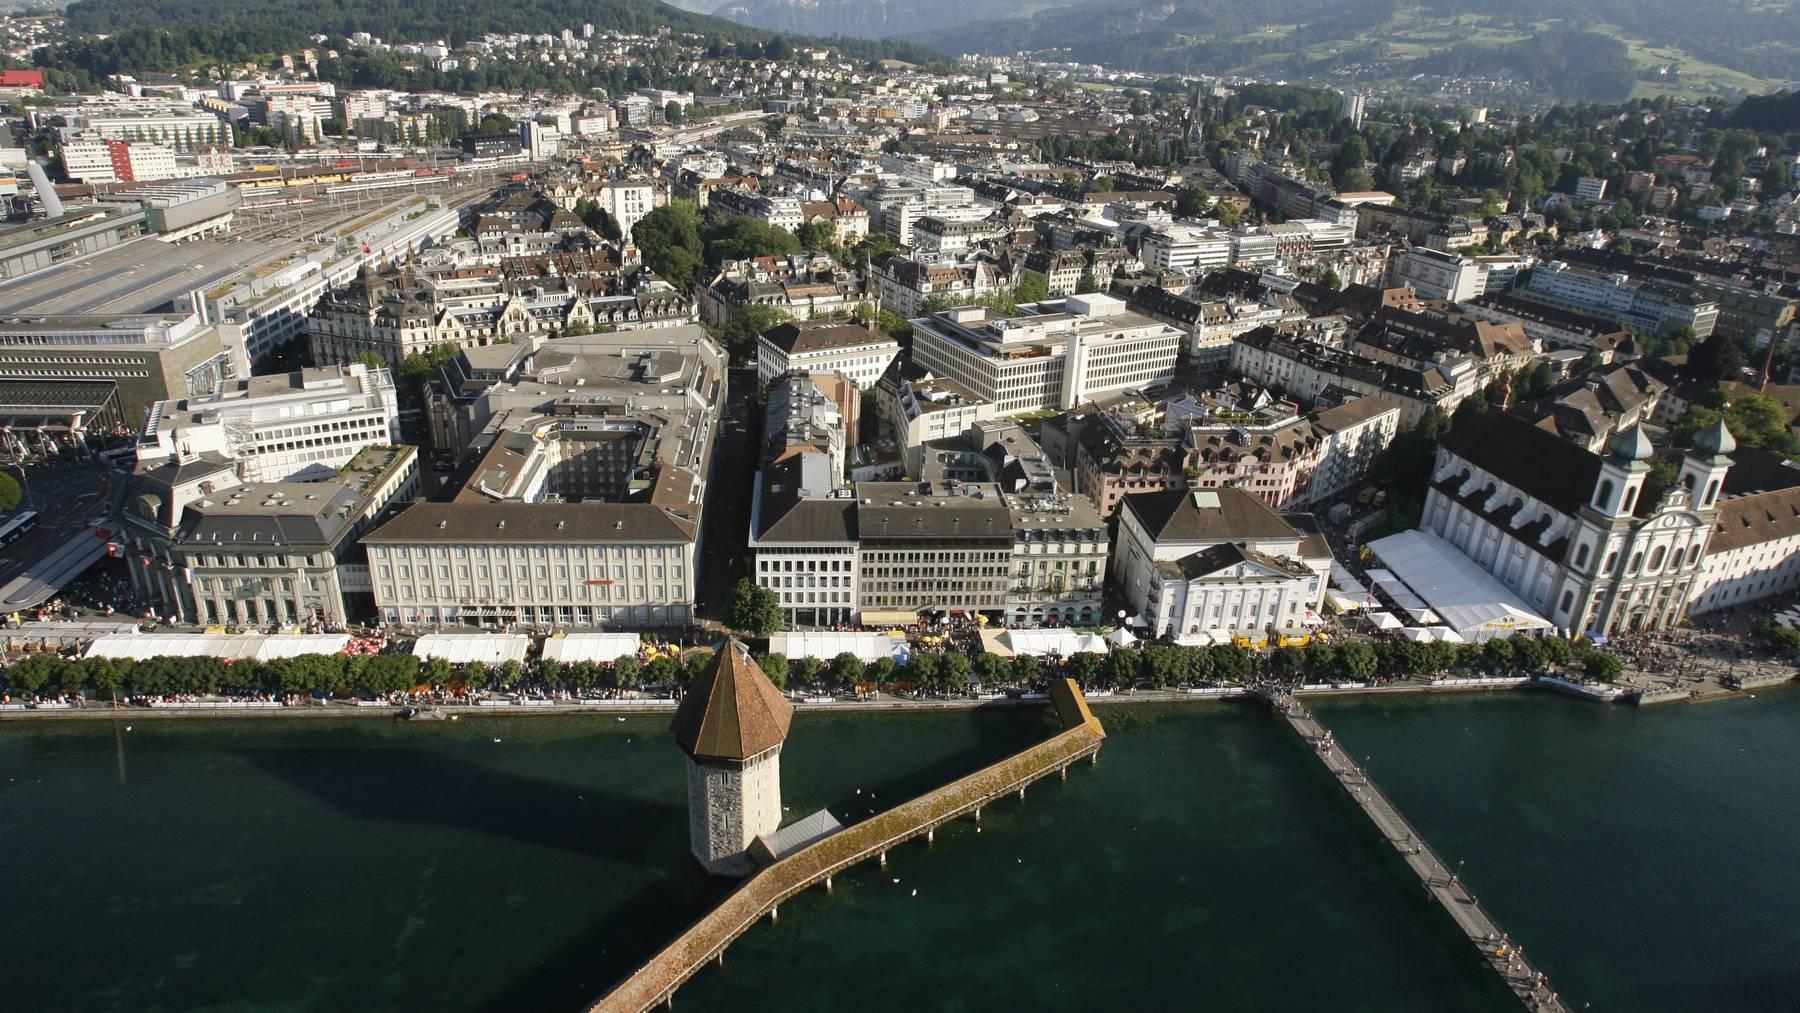 Luzern mit Kappelbrücke